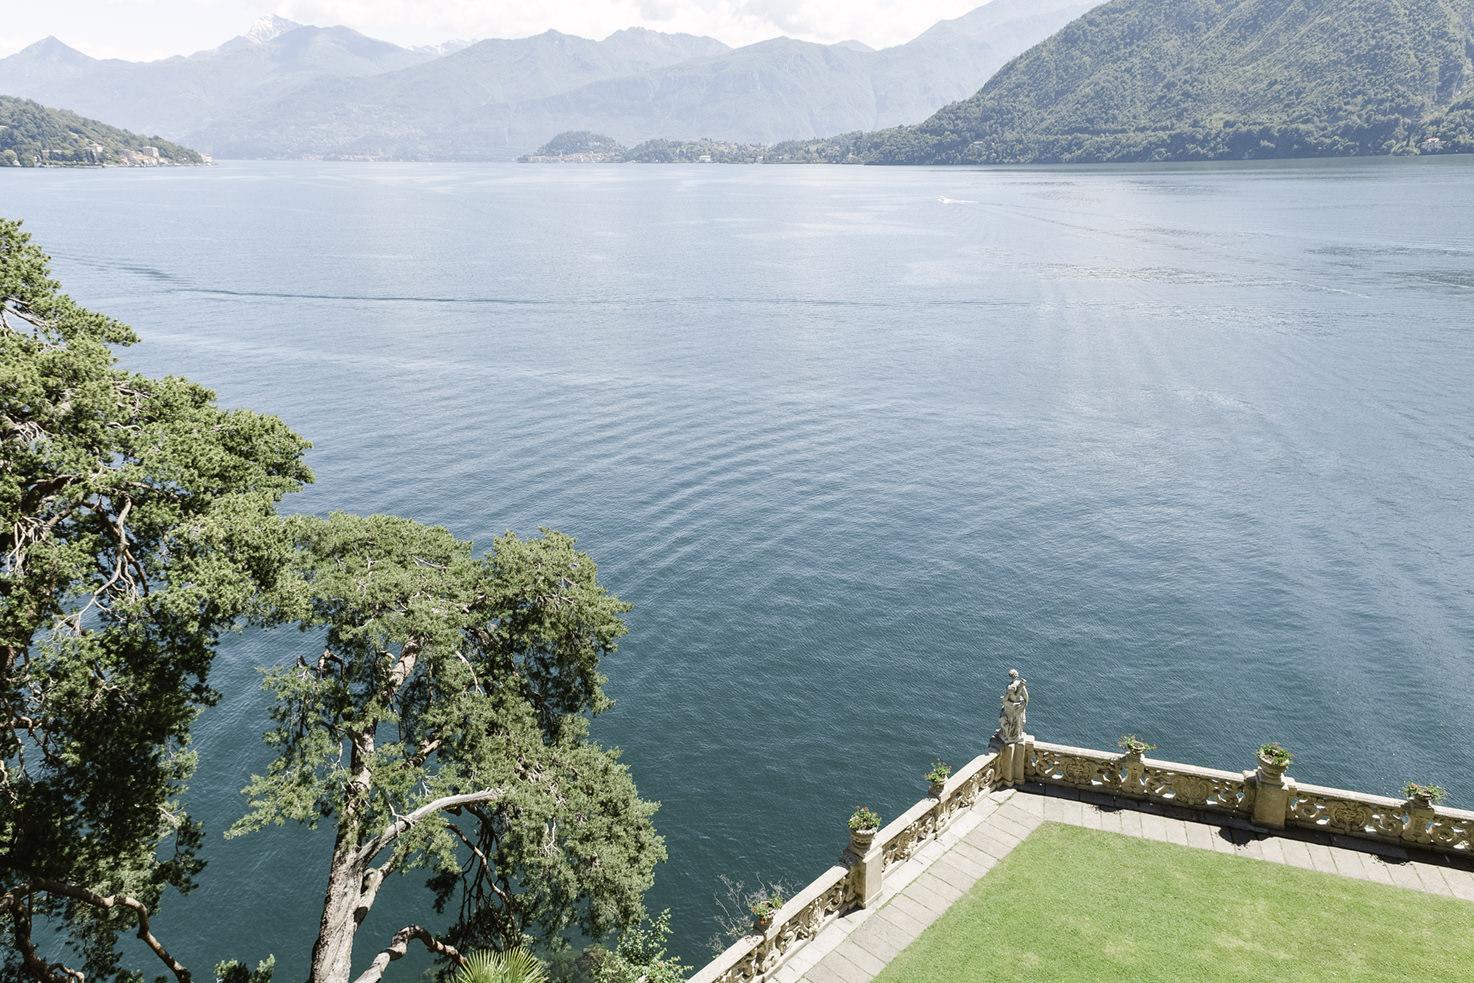 Lake view from Villa del Balbianello